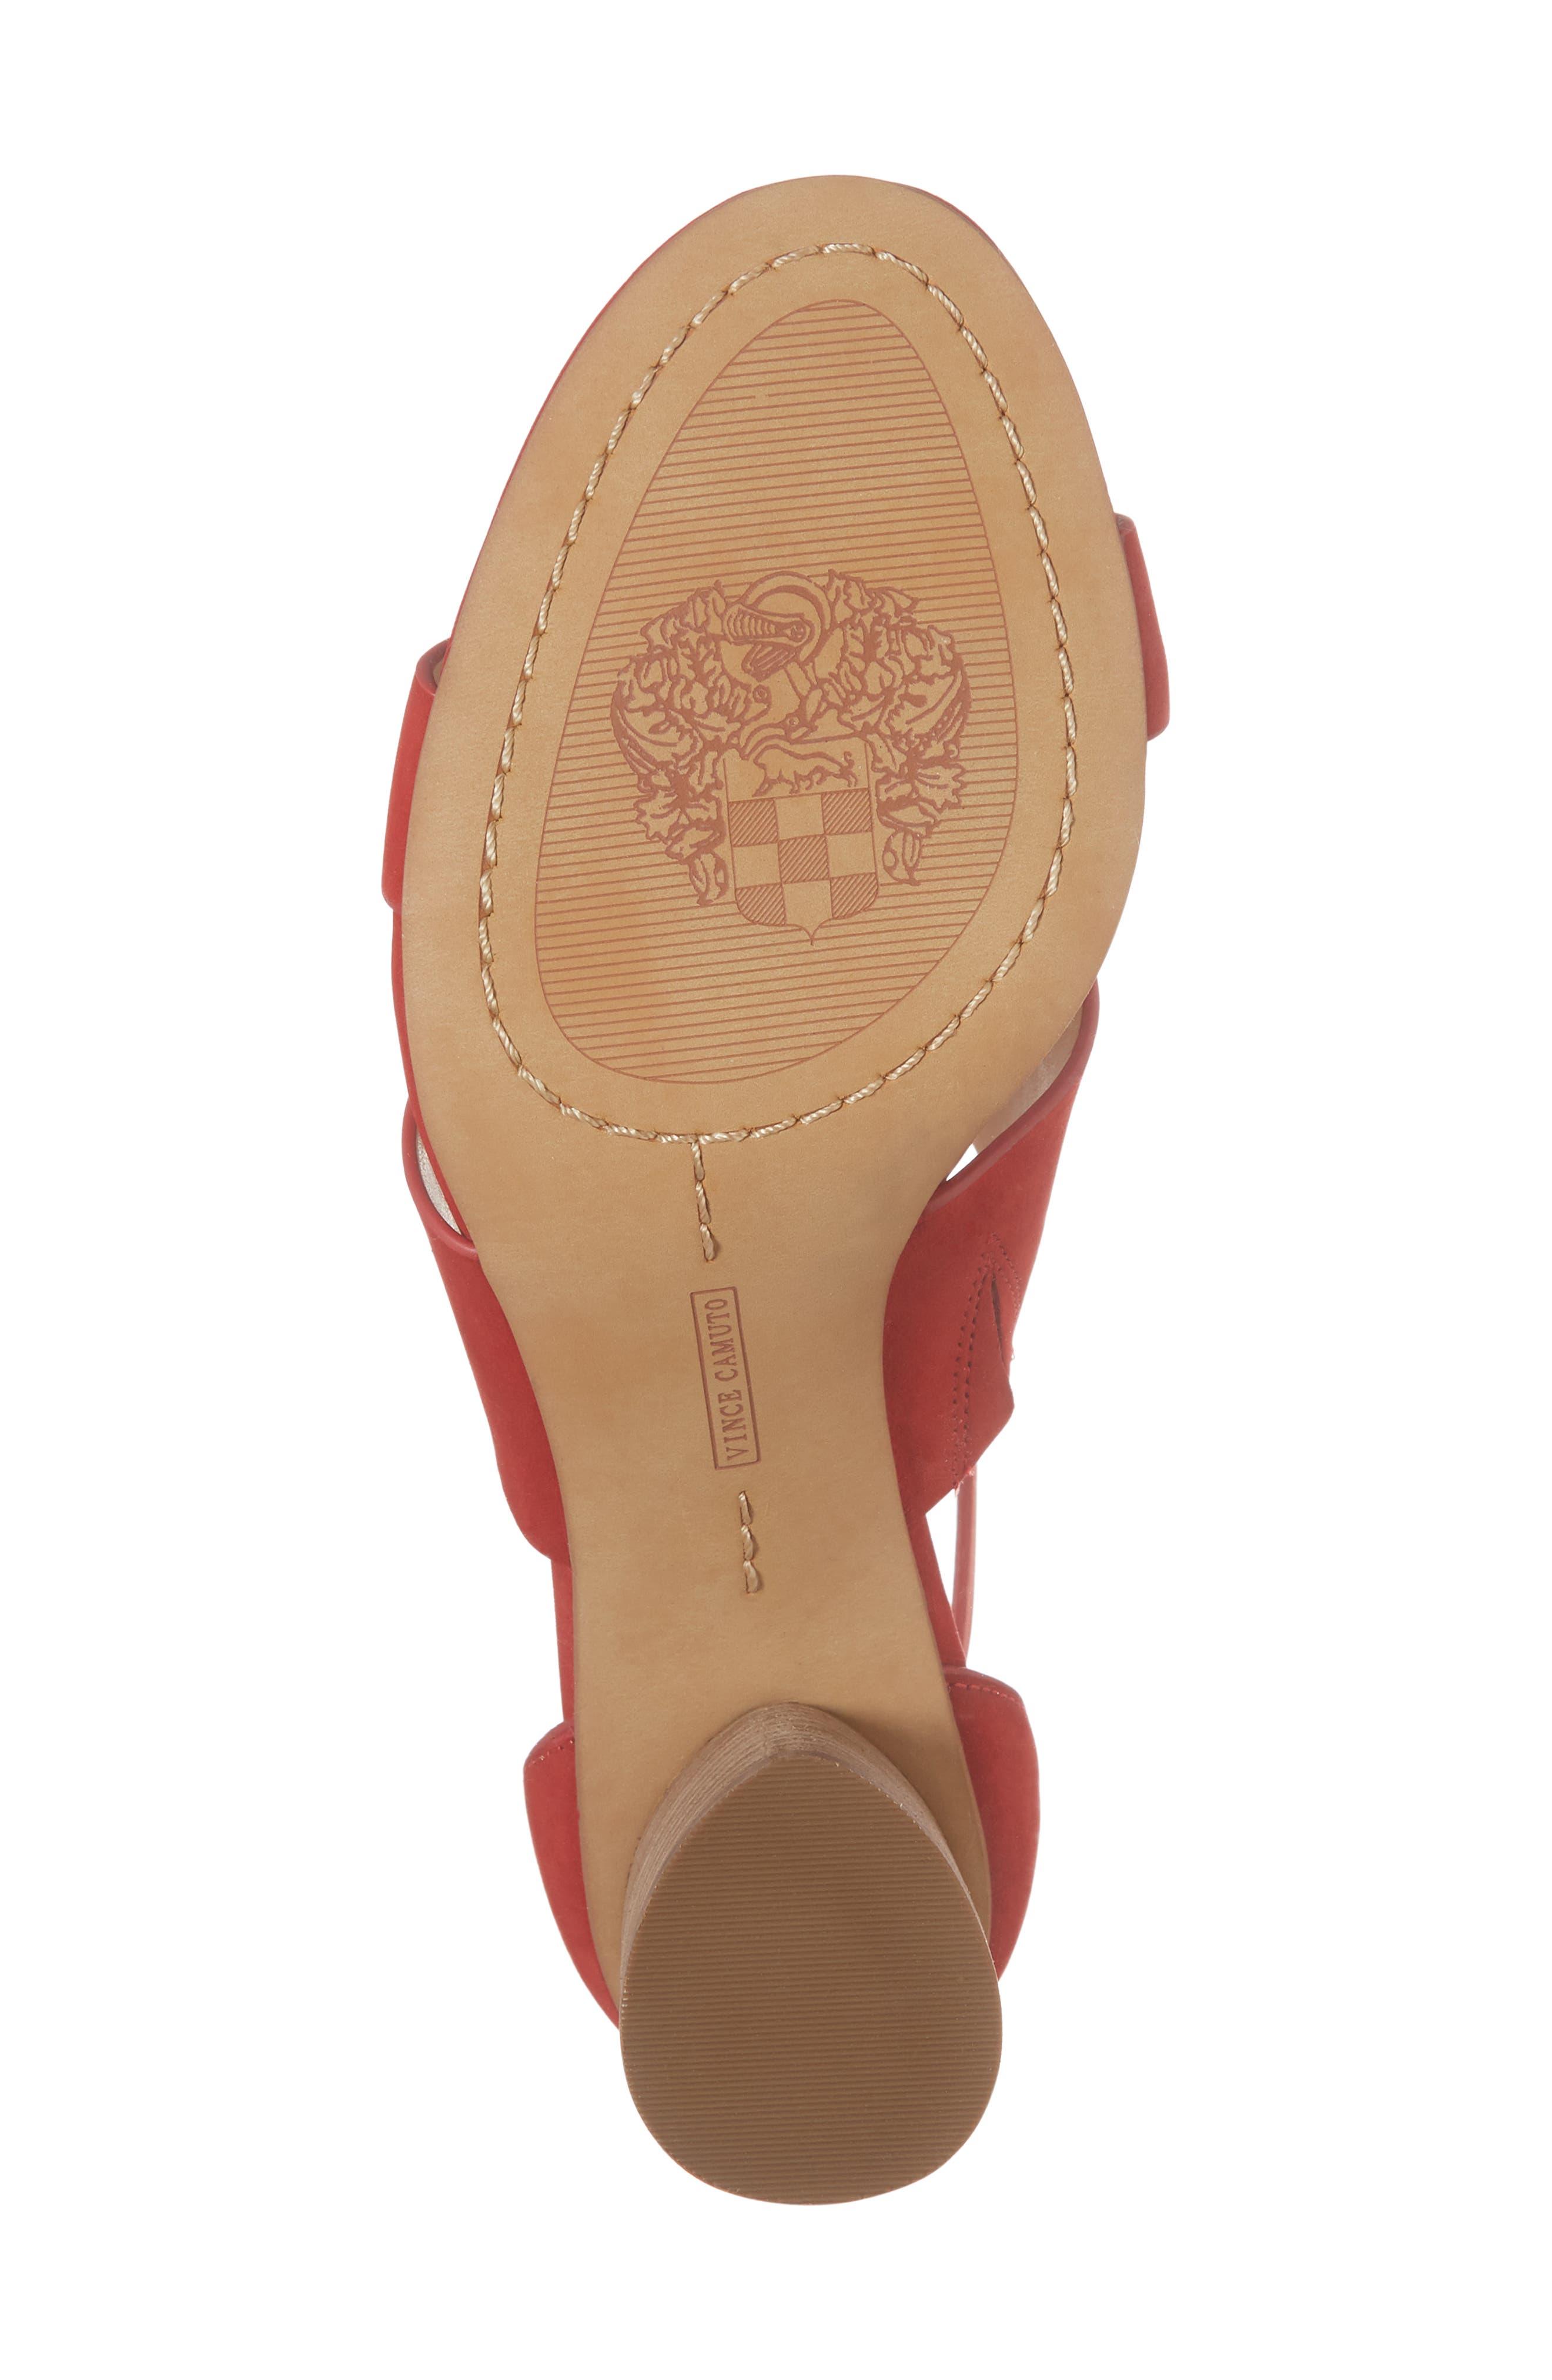 Junette Sandal,                             Alternate thumbnail 6, color,                             Cherry Red Leather